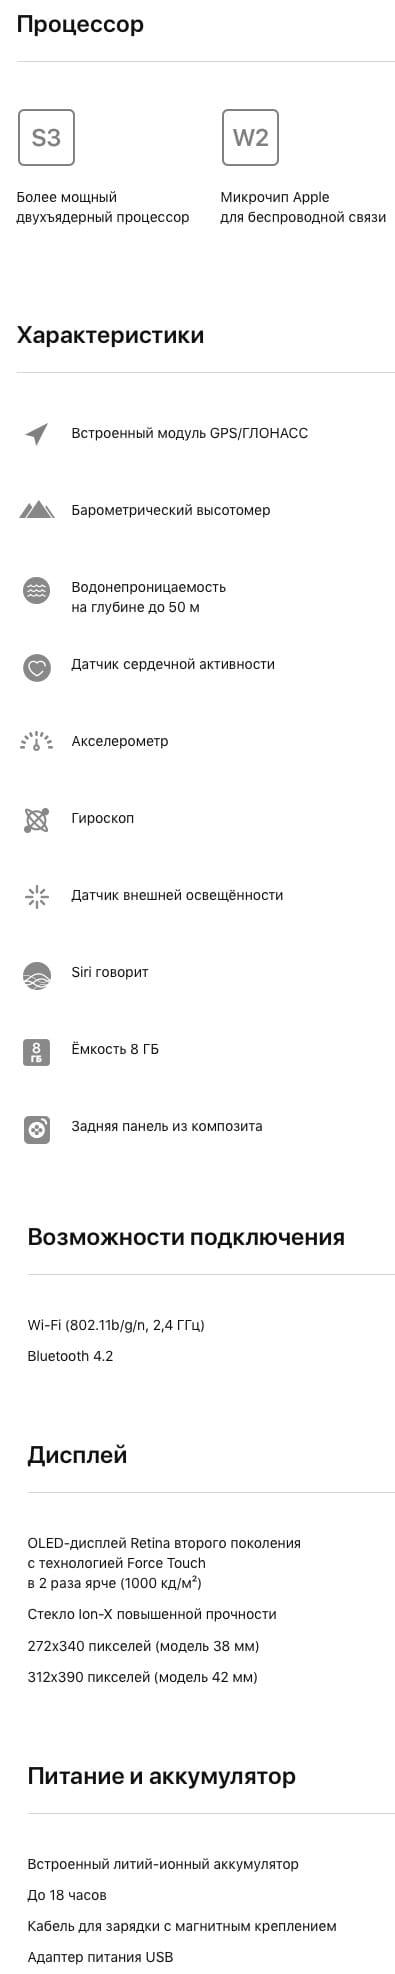 Технические характеристики (спецификации)Apple Watch Series 3